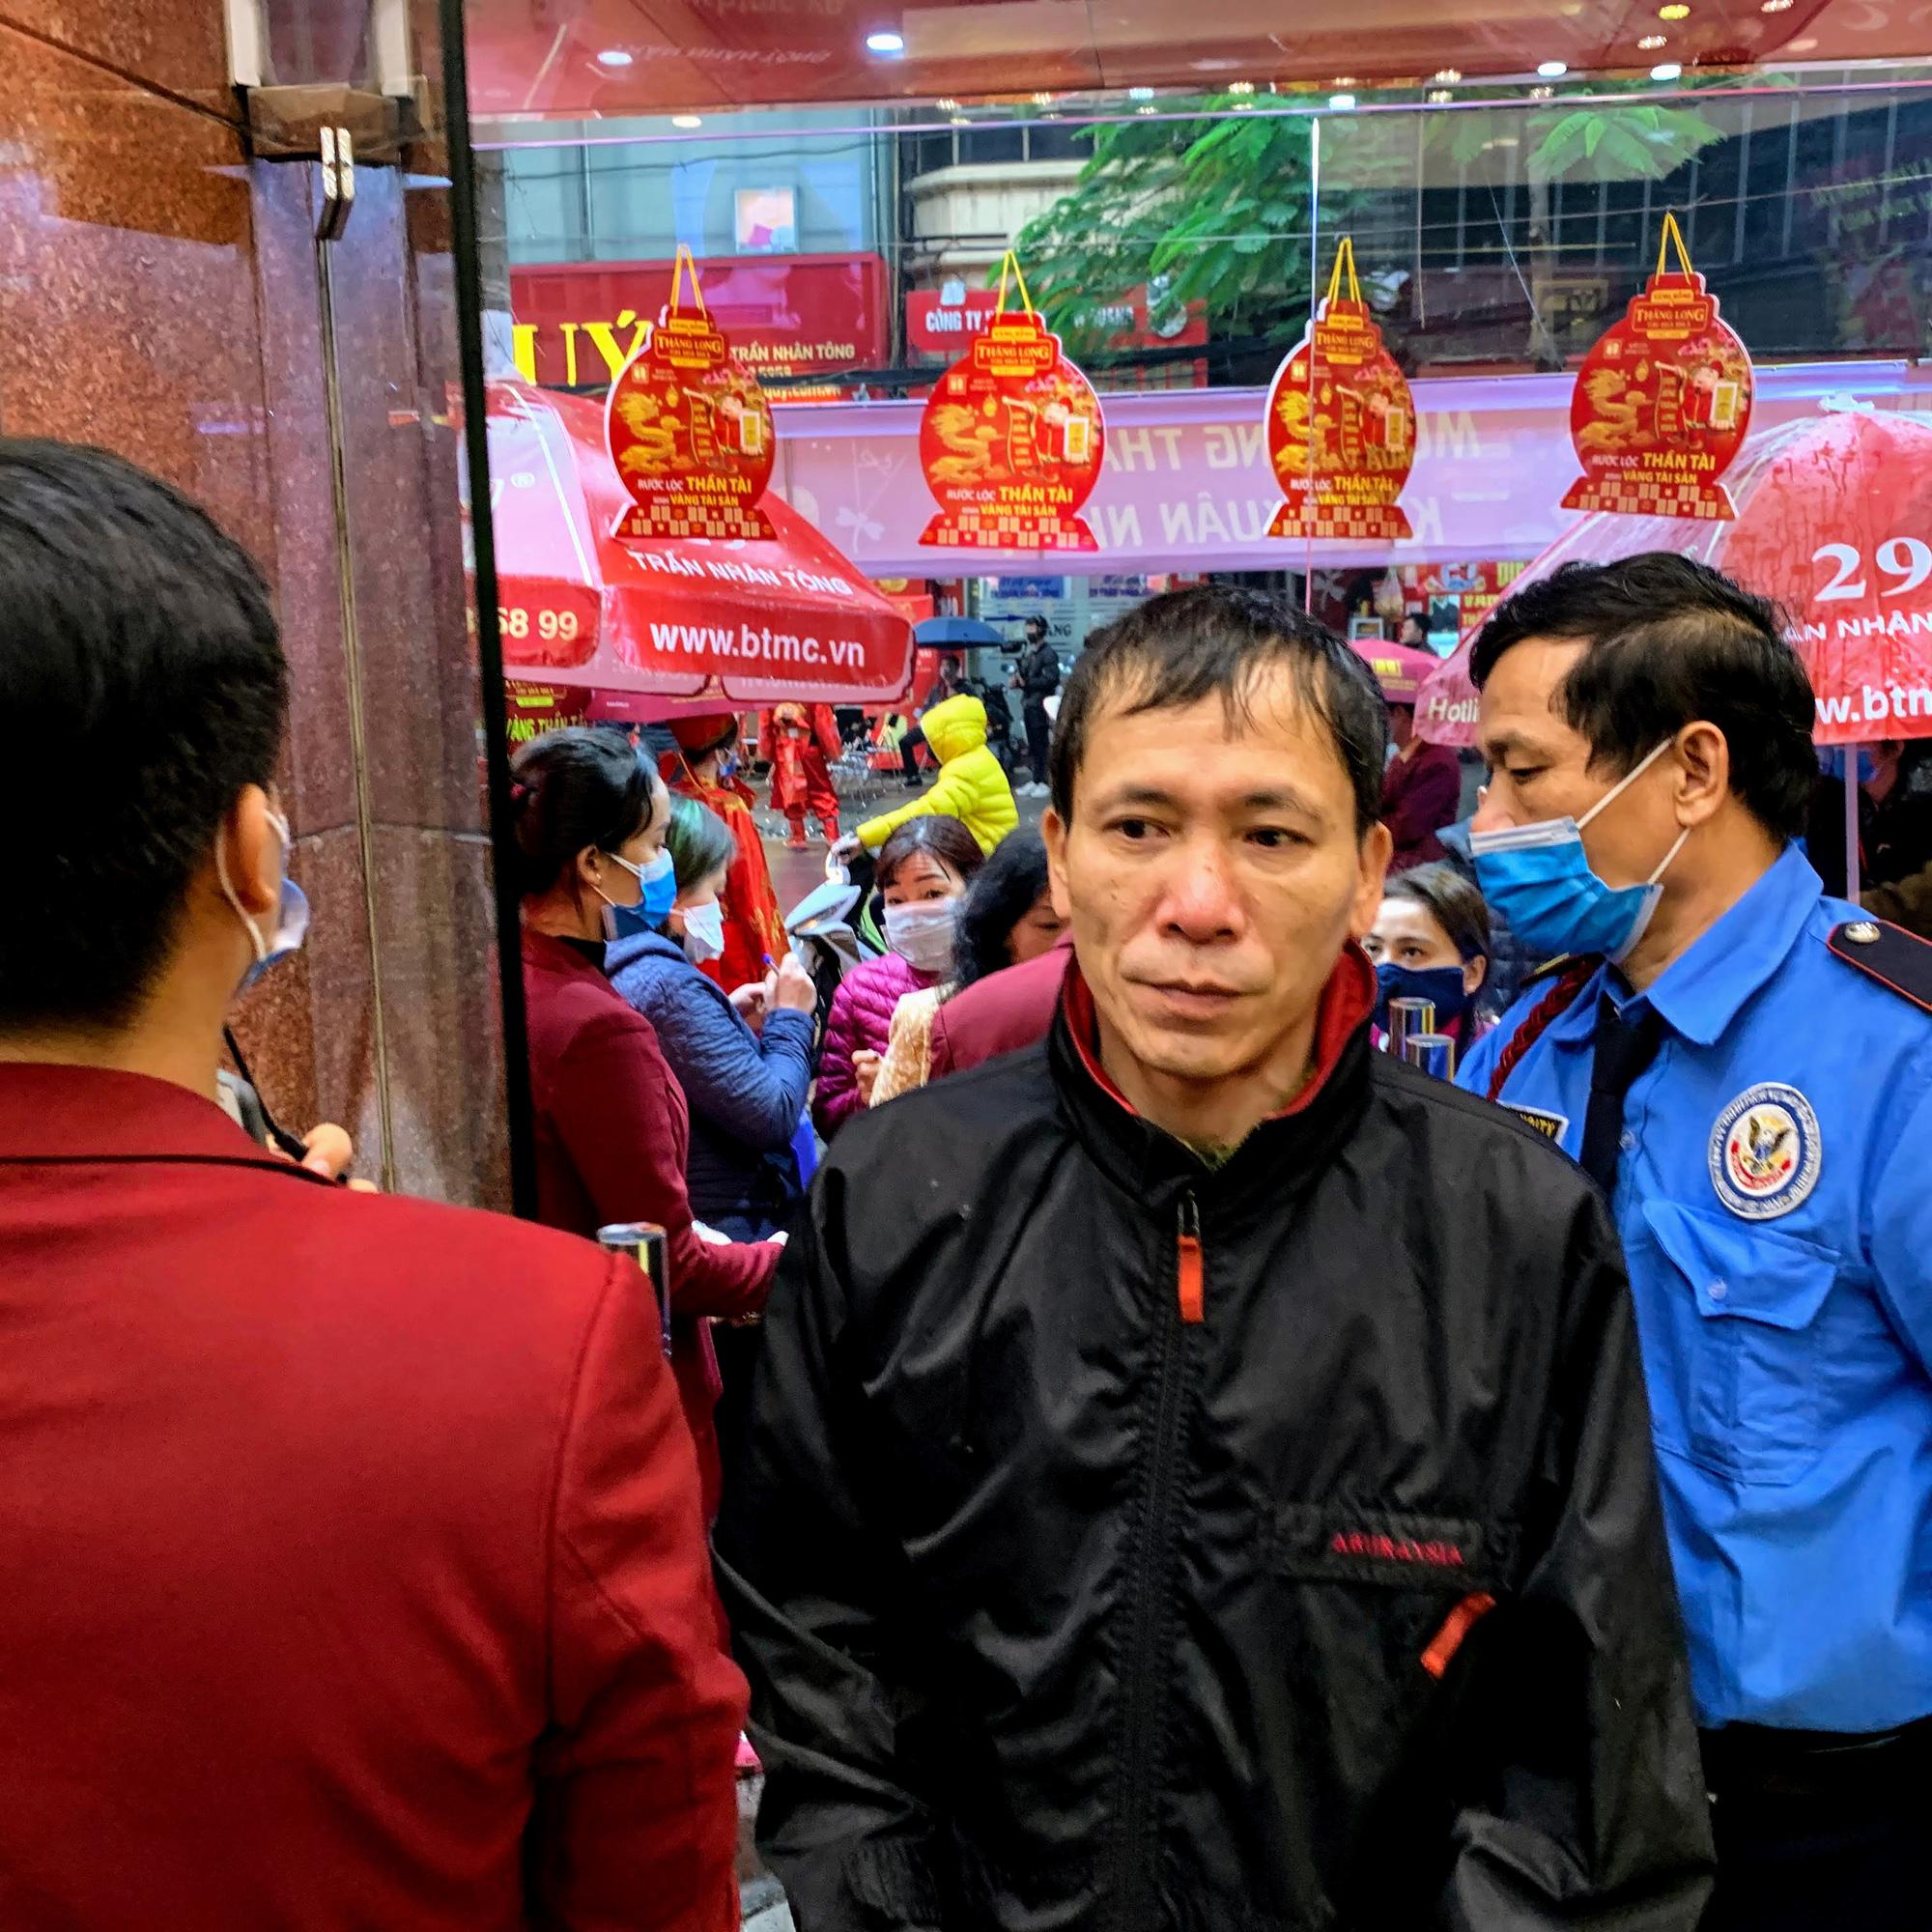 Nhân viên hàng vàng tràn xuống đường che mưa, đón khách mua vàng ngày Vía Thần Tài - Ảnh 5.